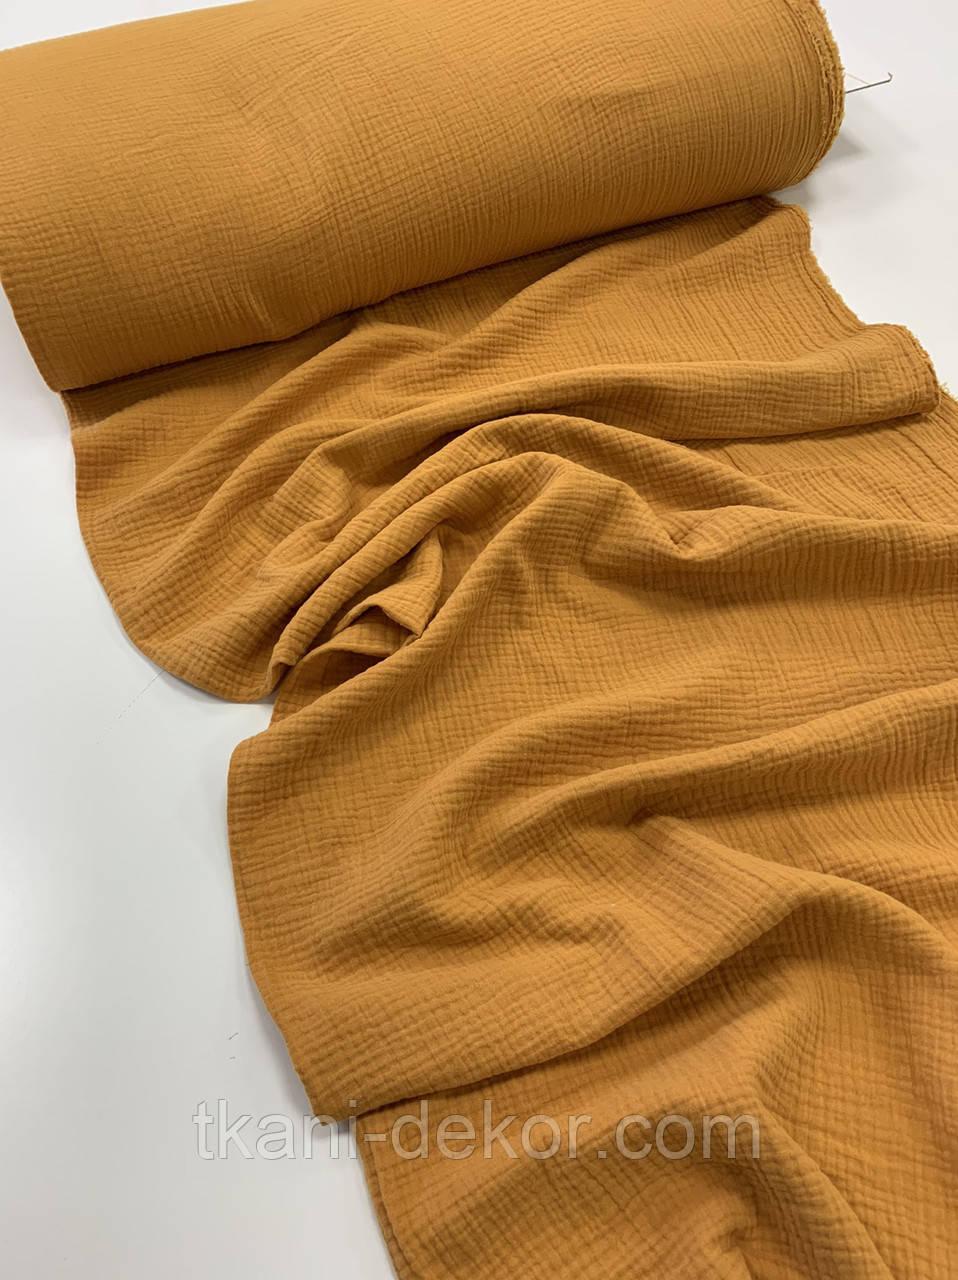 Муслін (бавовняна тканина) жатка світла гірчиця однотон (ширина 1,35 м)